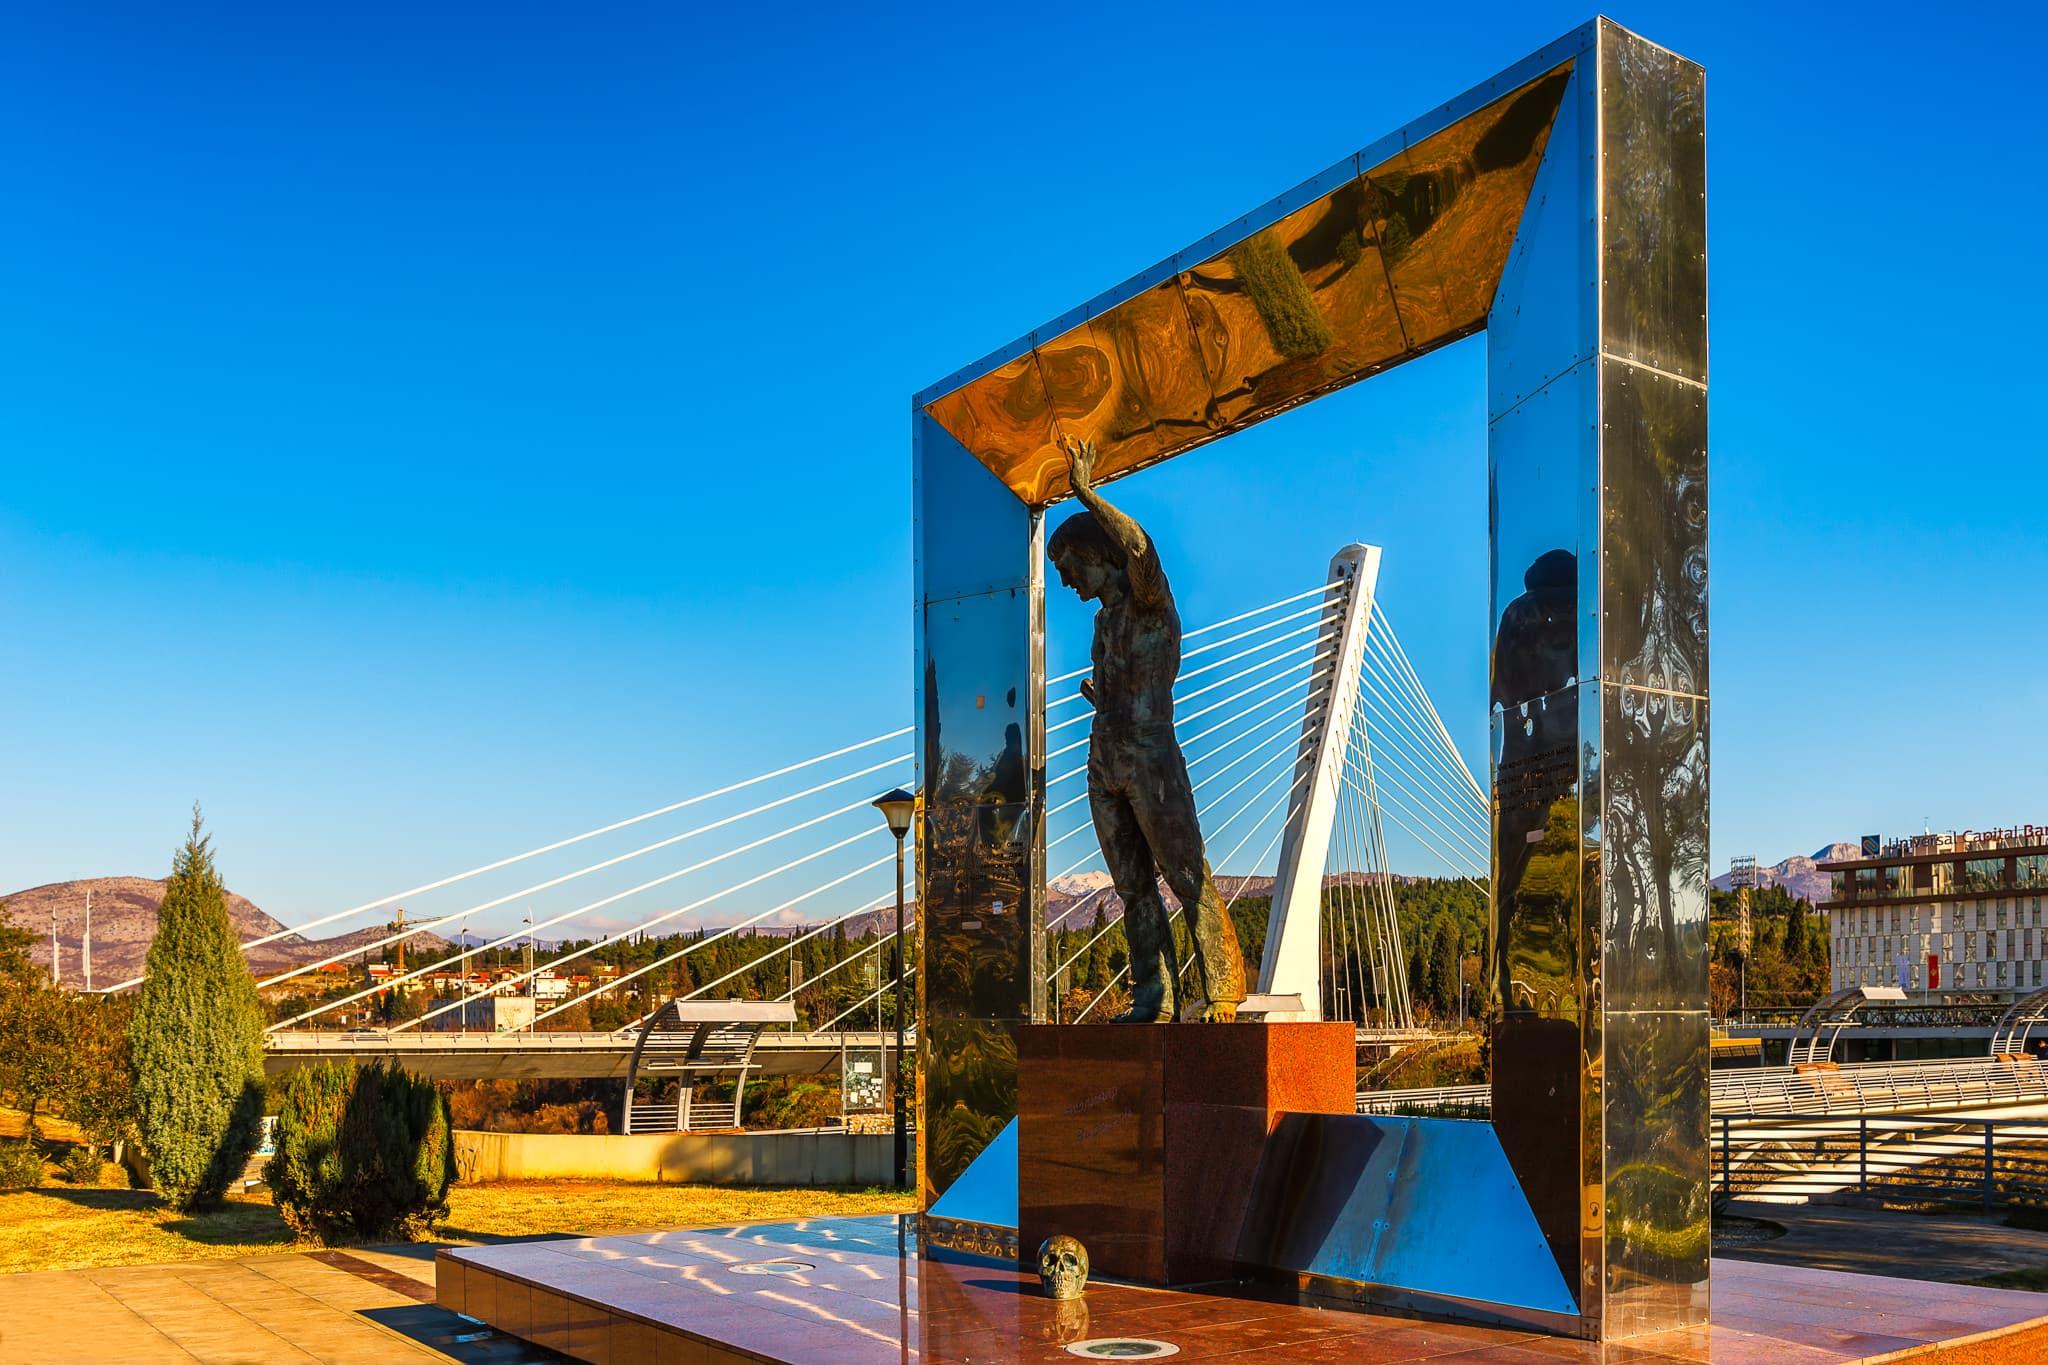 Vladimir Vysotsky-monument met de Millenniumbrug op de achtergrond in Podgorica, Montenegro.